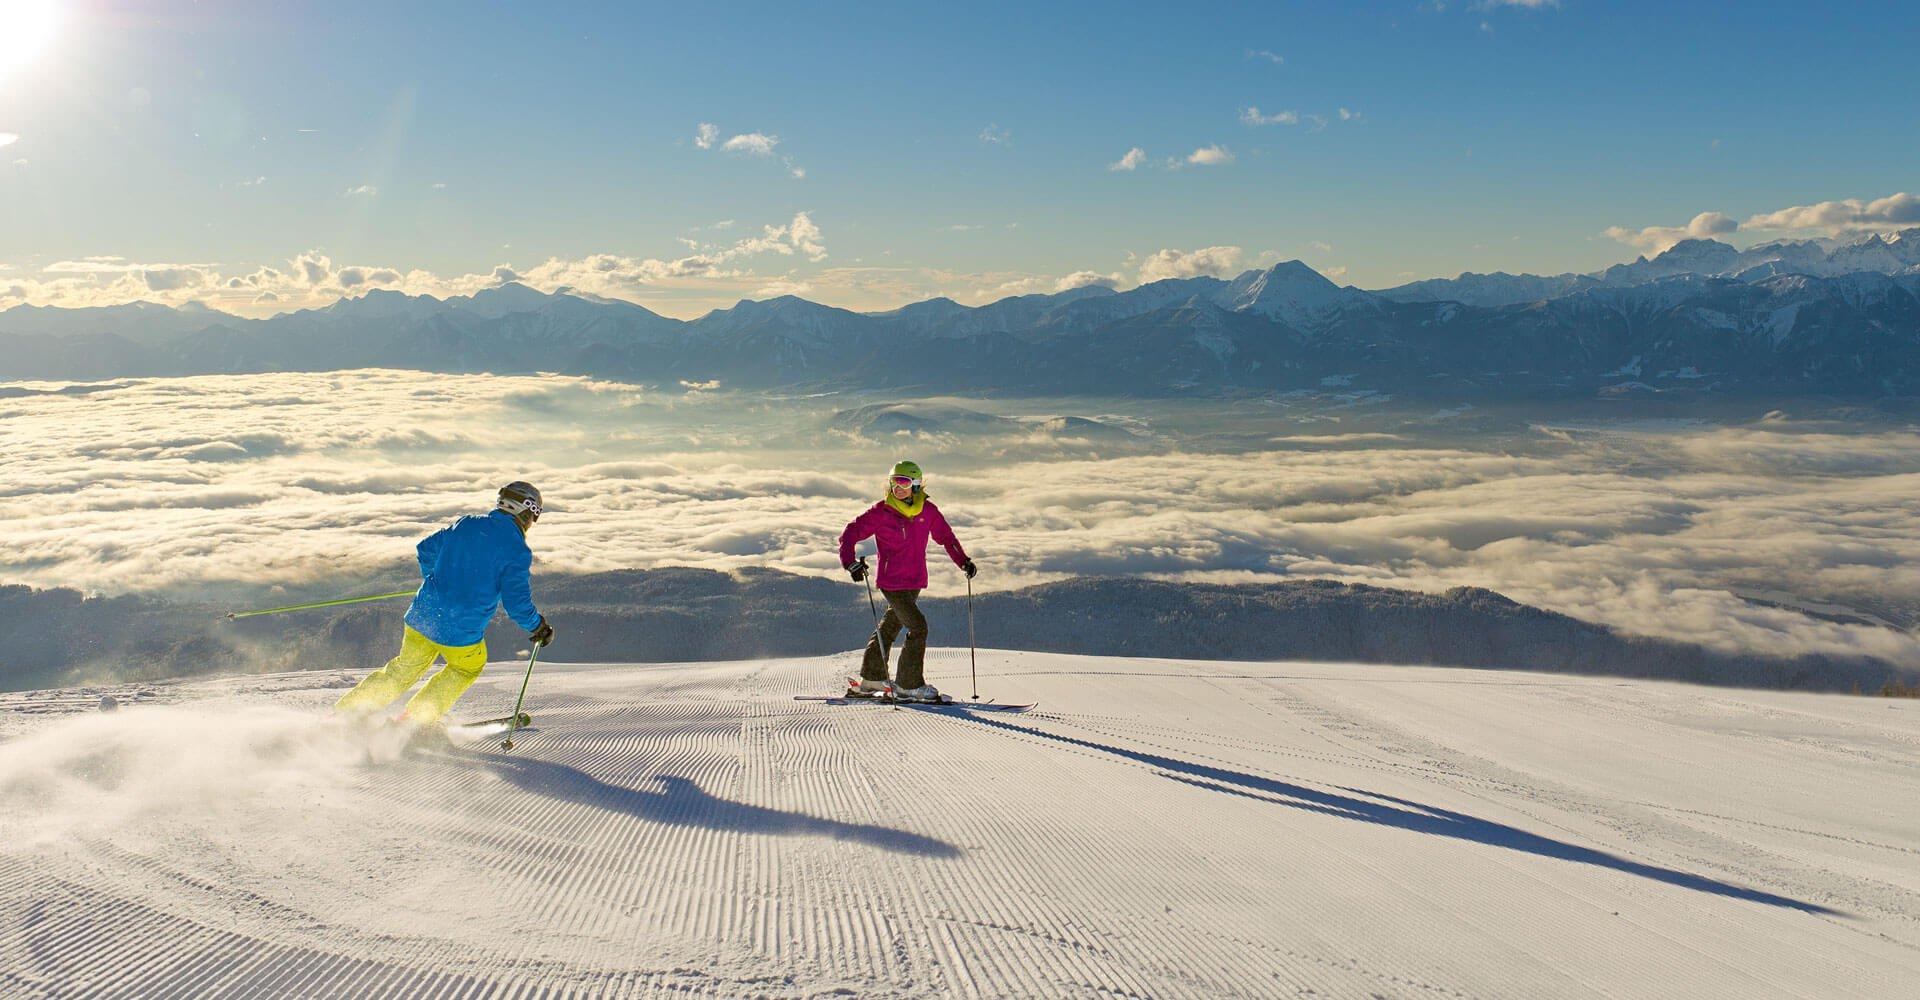 skiurlaub-arriach